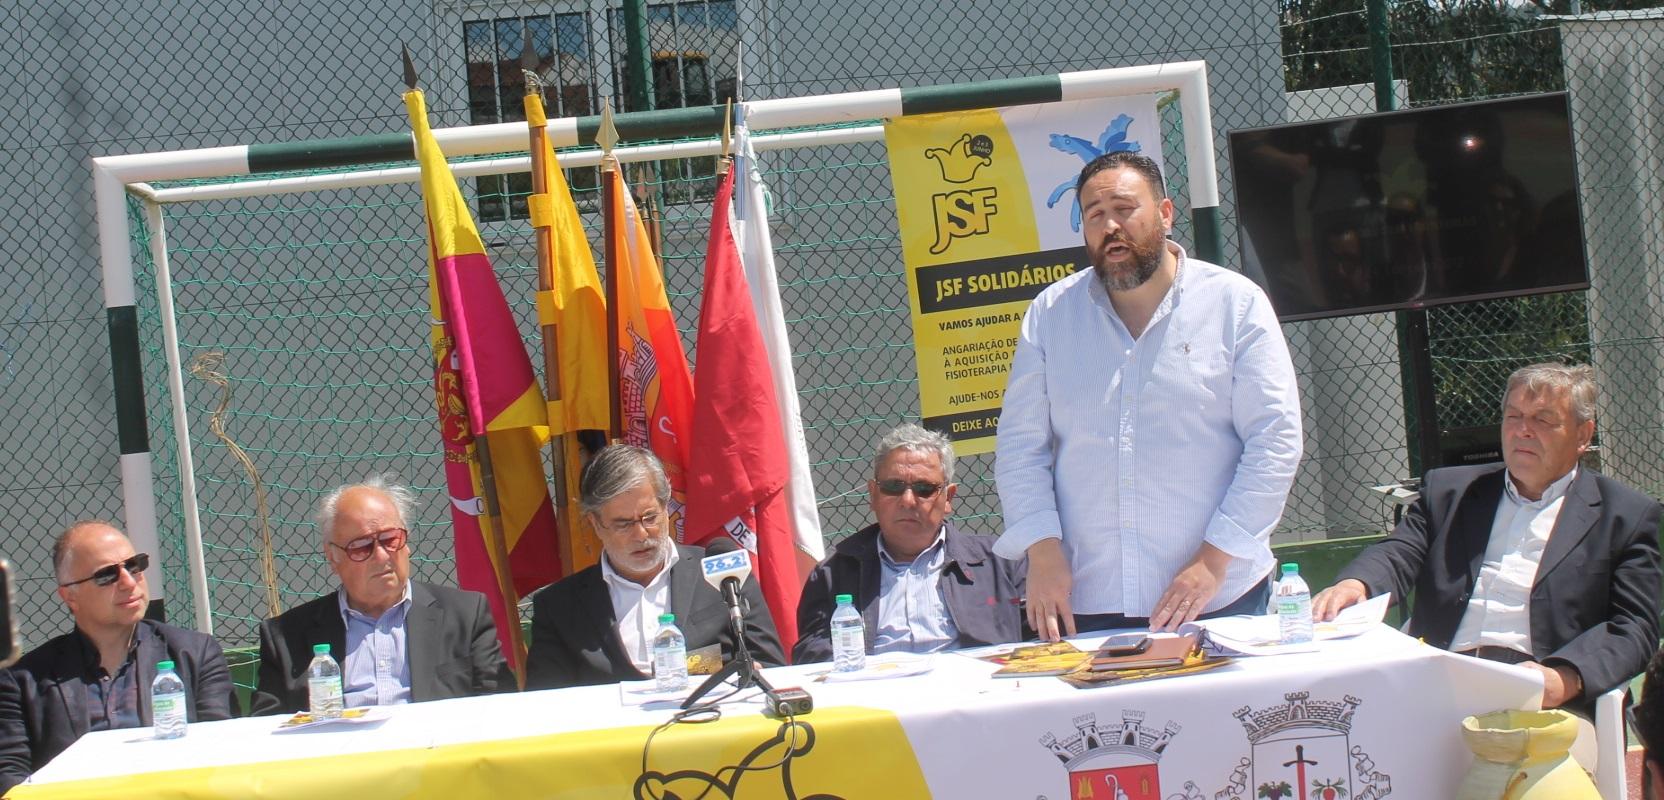 O evento foi apresentado hoje nas modernas instalações da ARCCOSR e Notícias de Coimbra revela o que foi dito pelos promotores e parceiros.